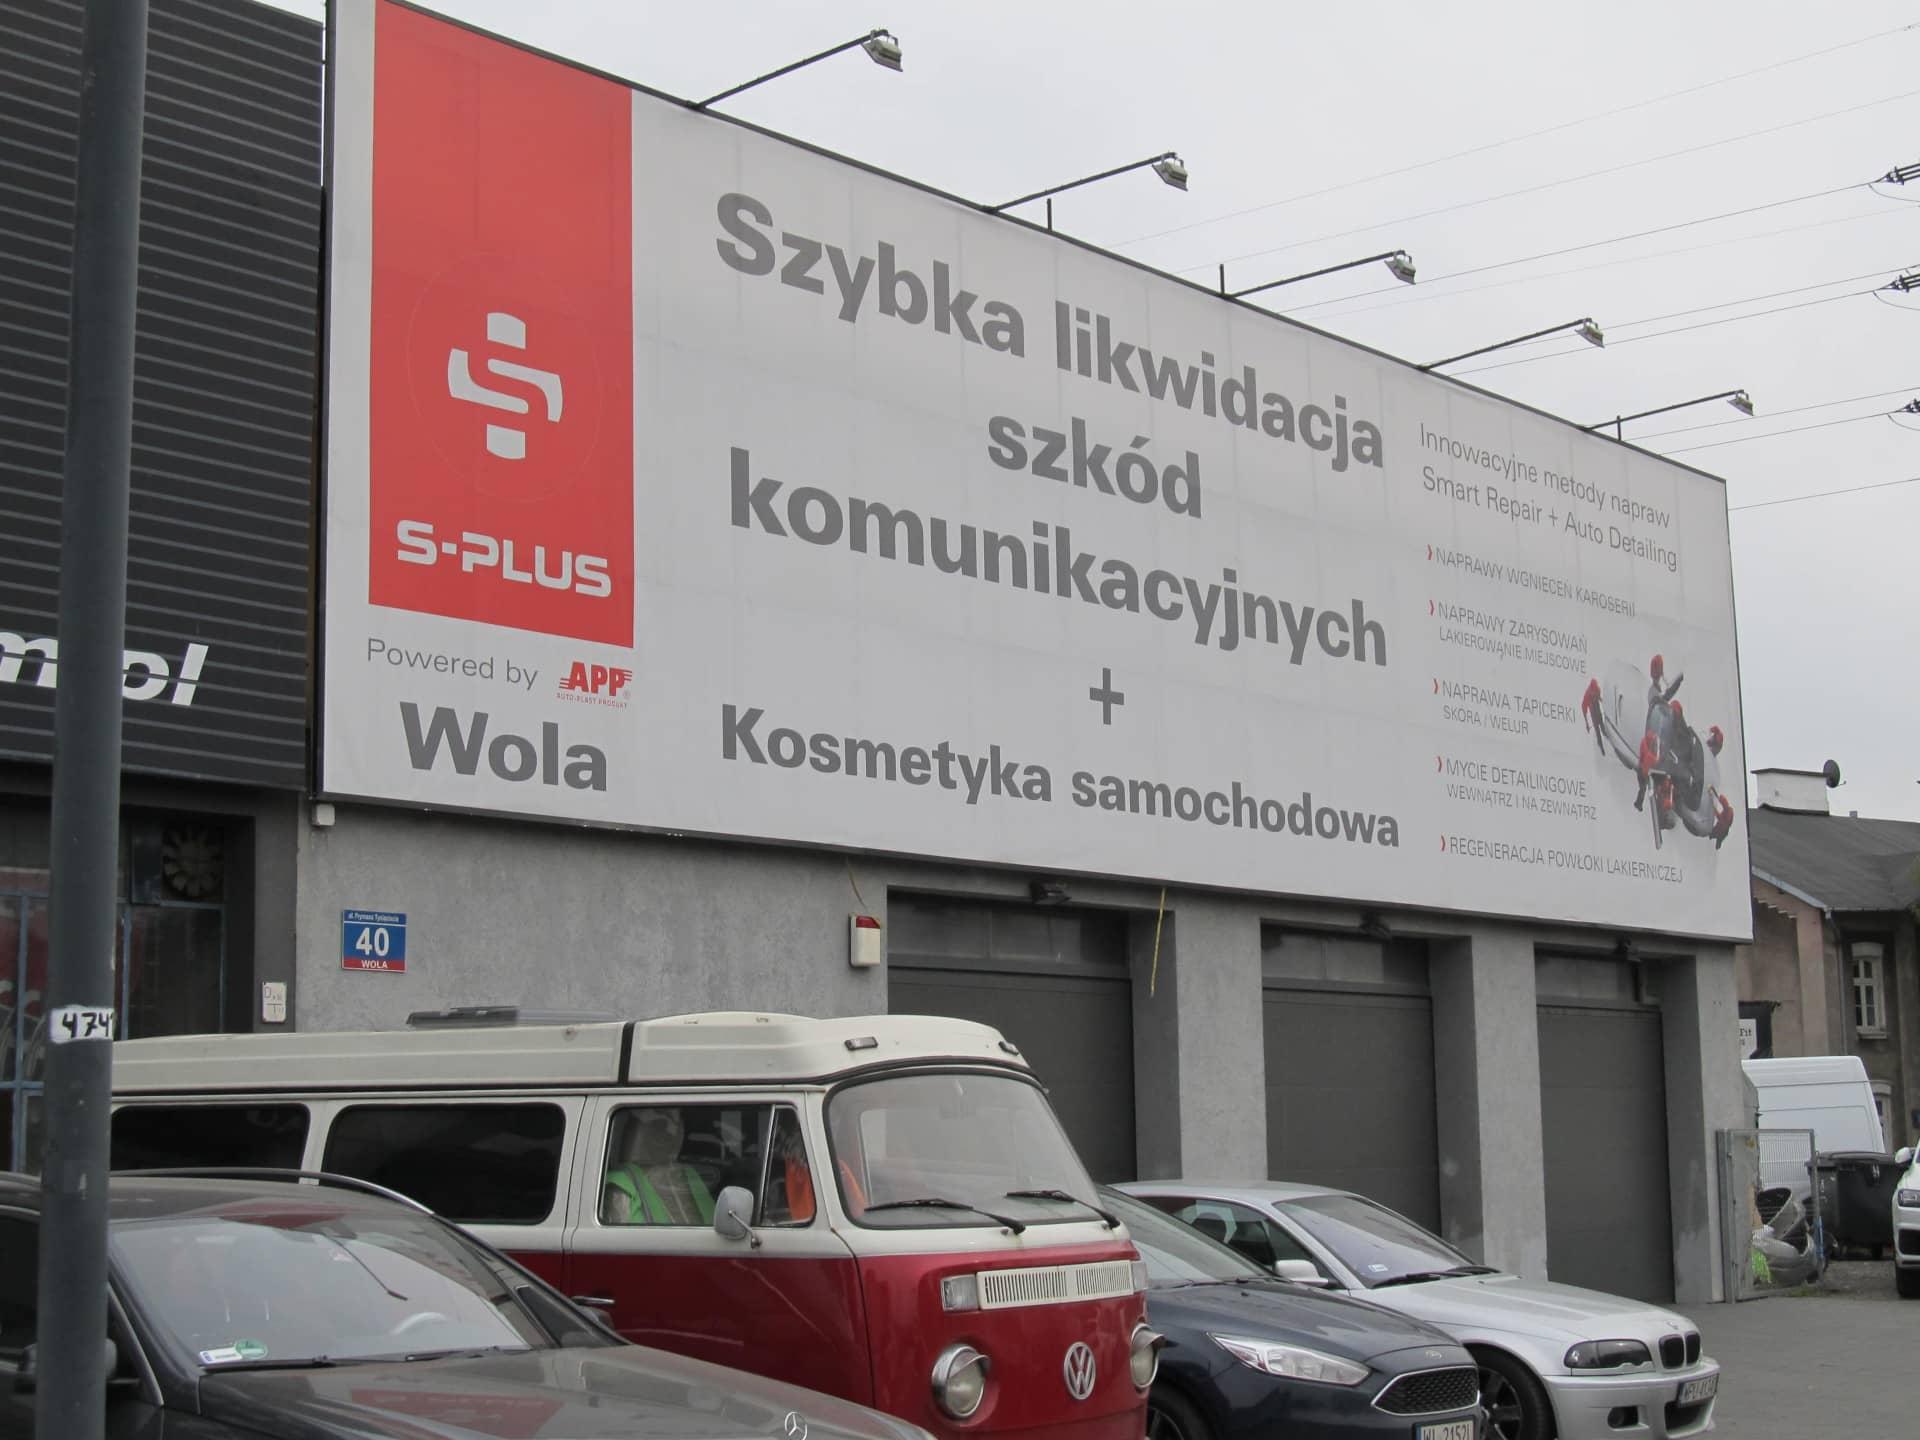 S-Plus